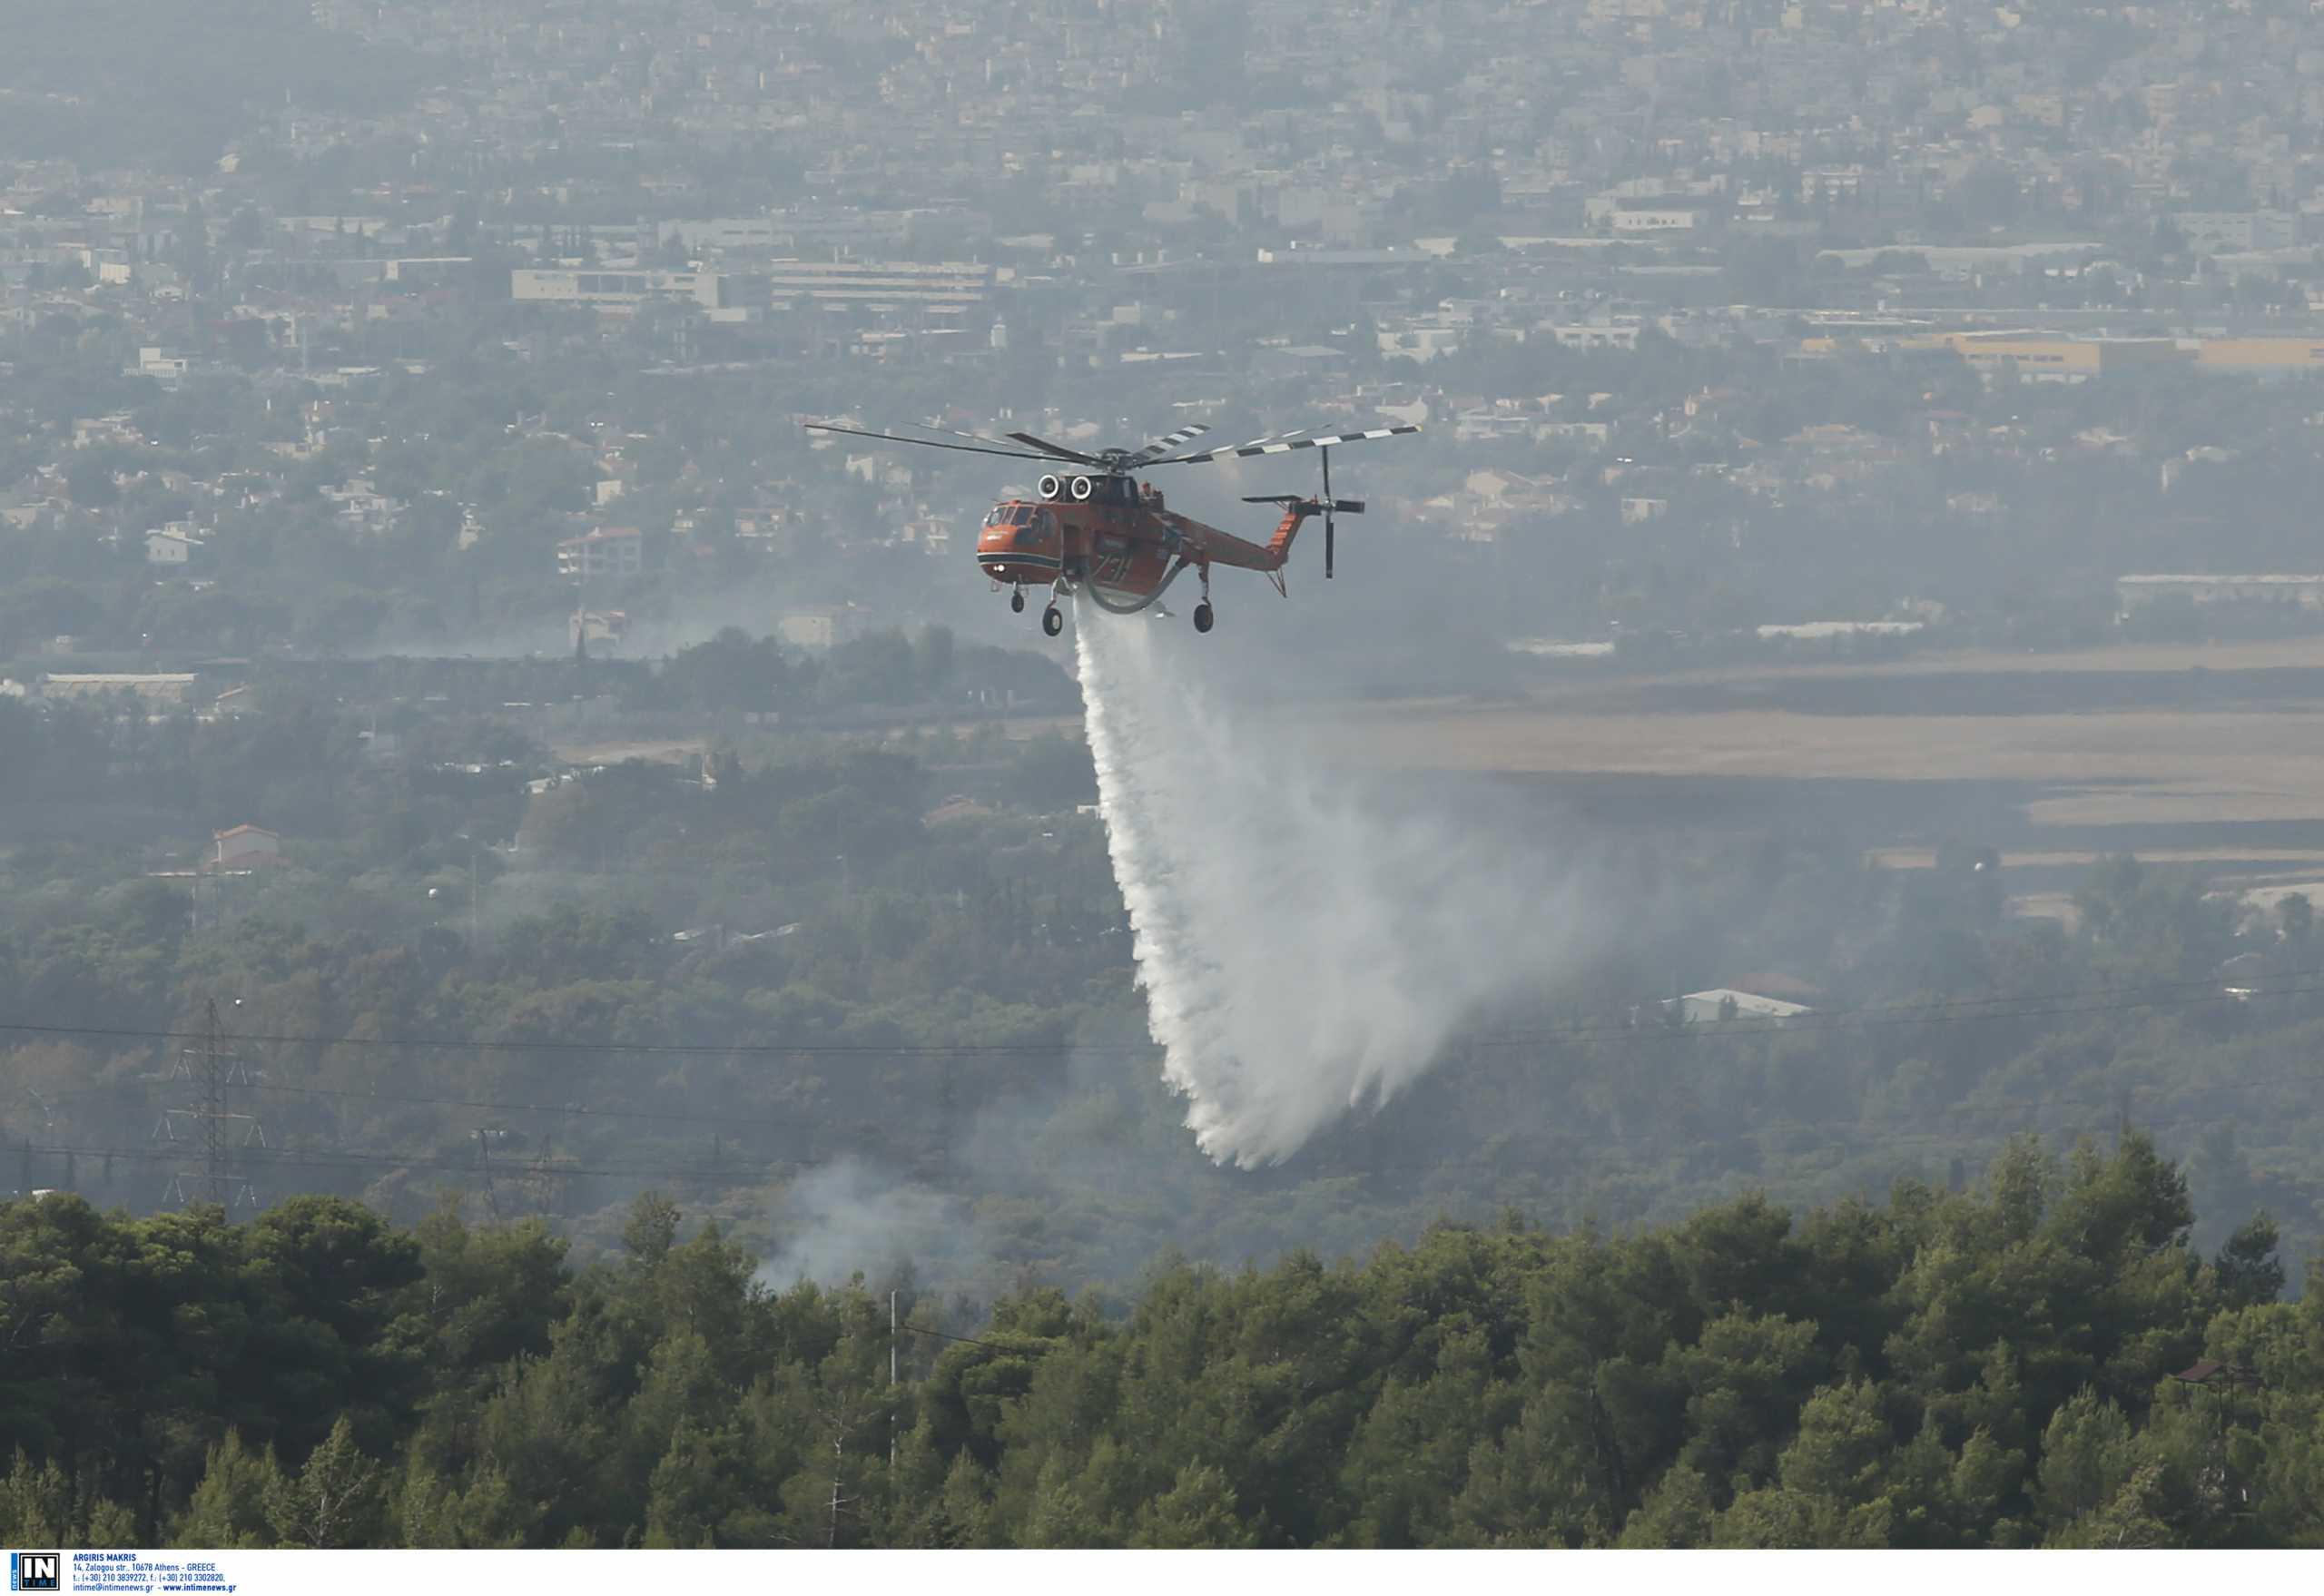 Φωτιά στη Βαρυμπόμπη: Ο Νίκος Χαρδαλιάς στην ενημέρωση για την επιχείρηση κατάσβεσης